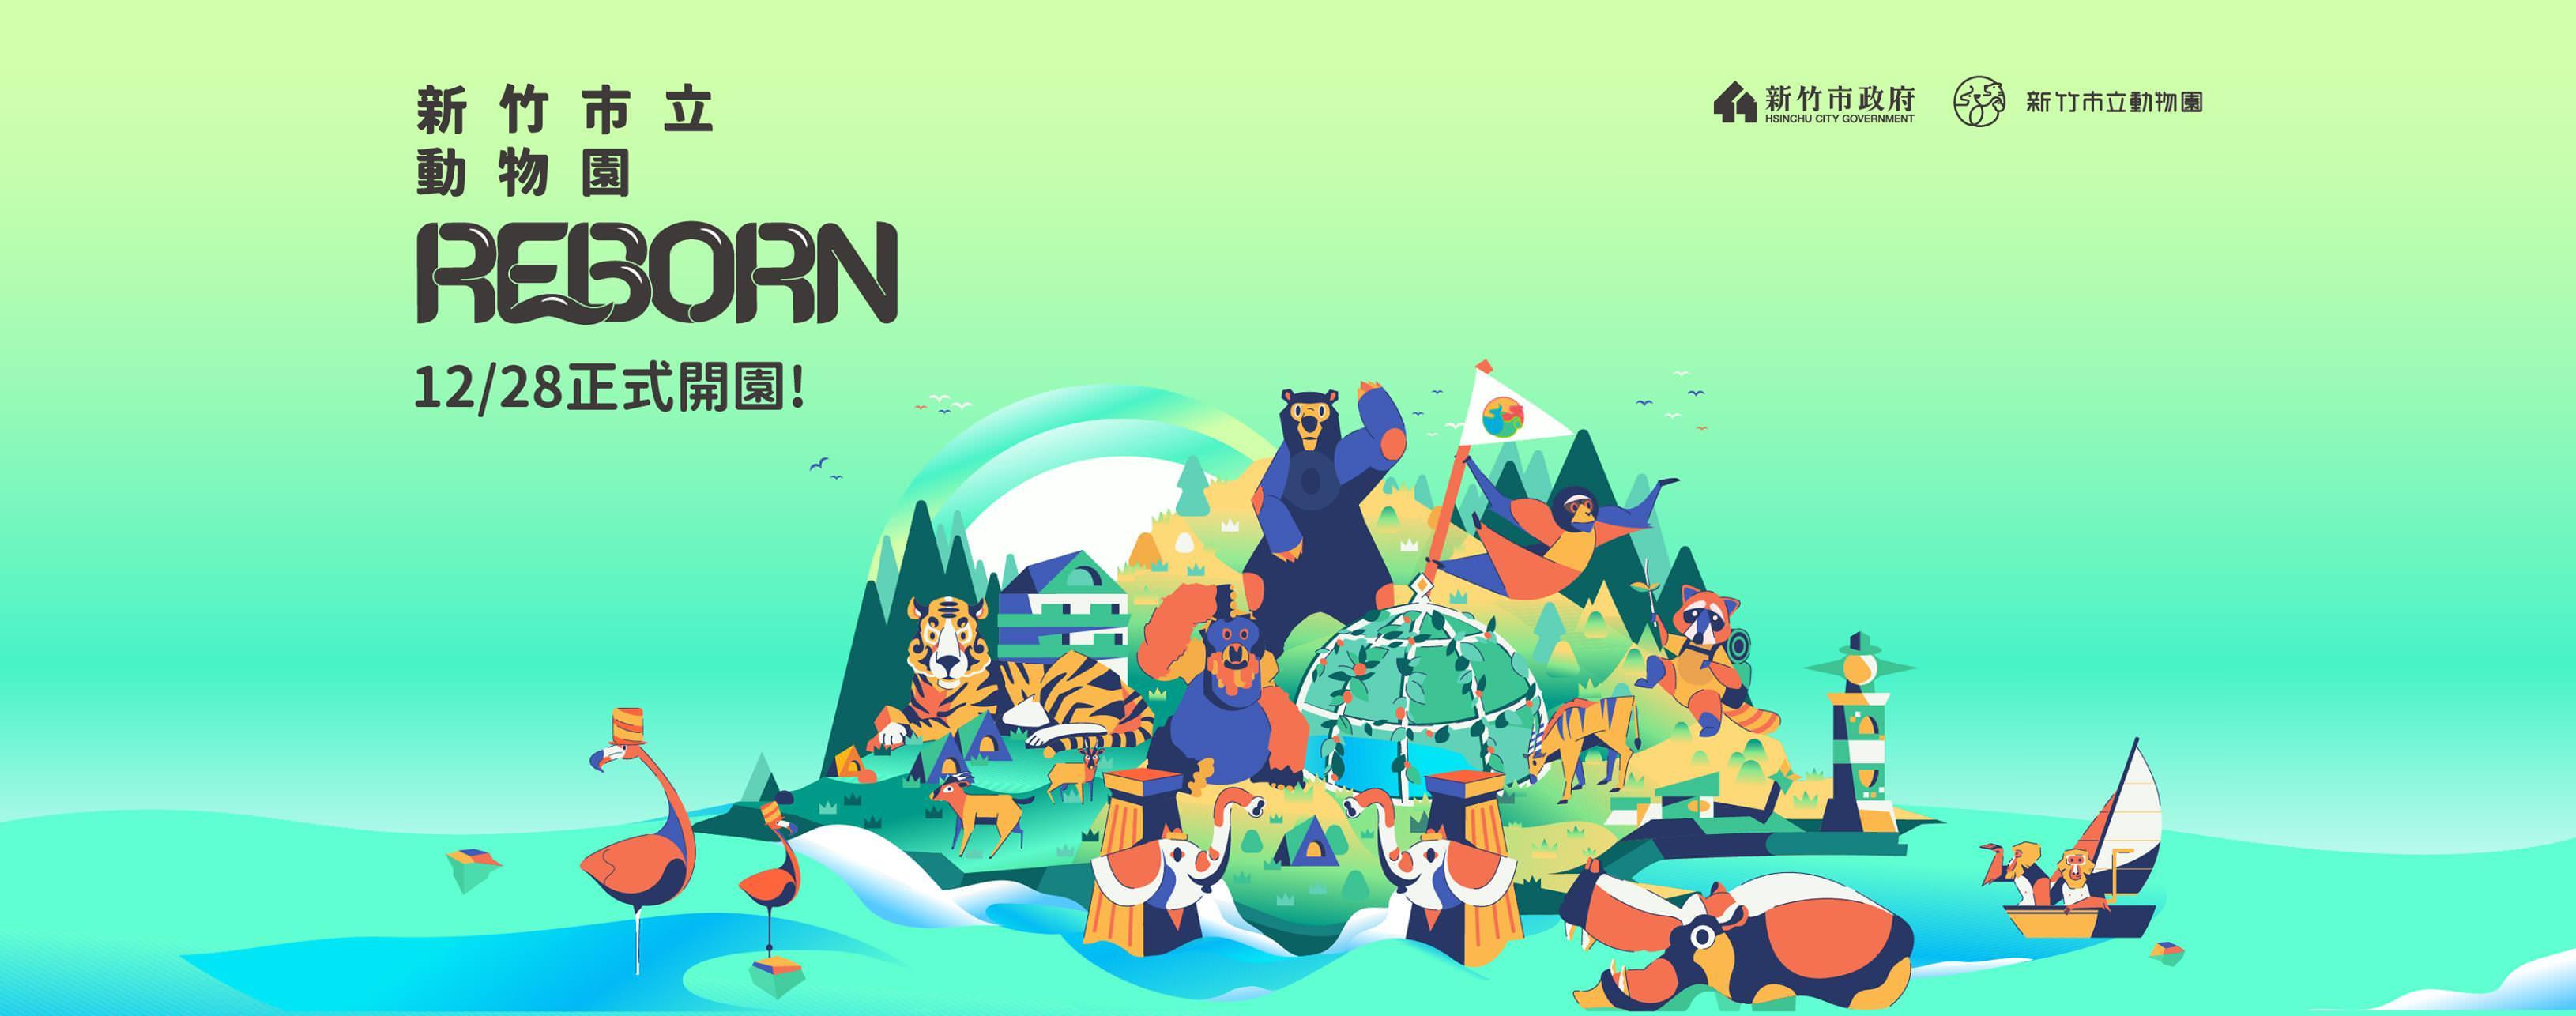 新竹市立動物園導覽活動搶先看河馬樂樂!新竹動物園預計12月28日全園正式開放